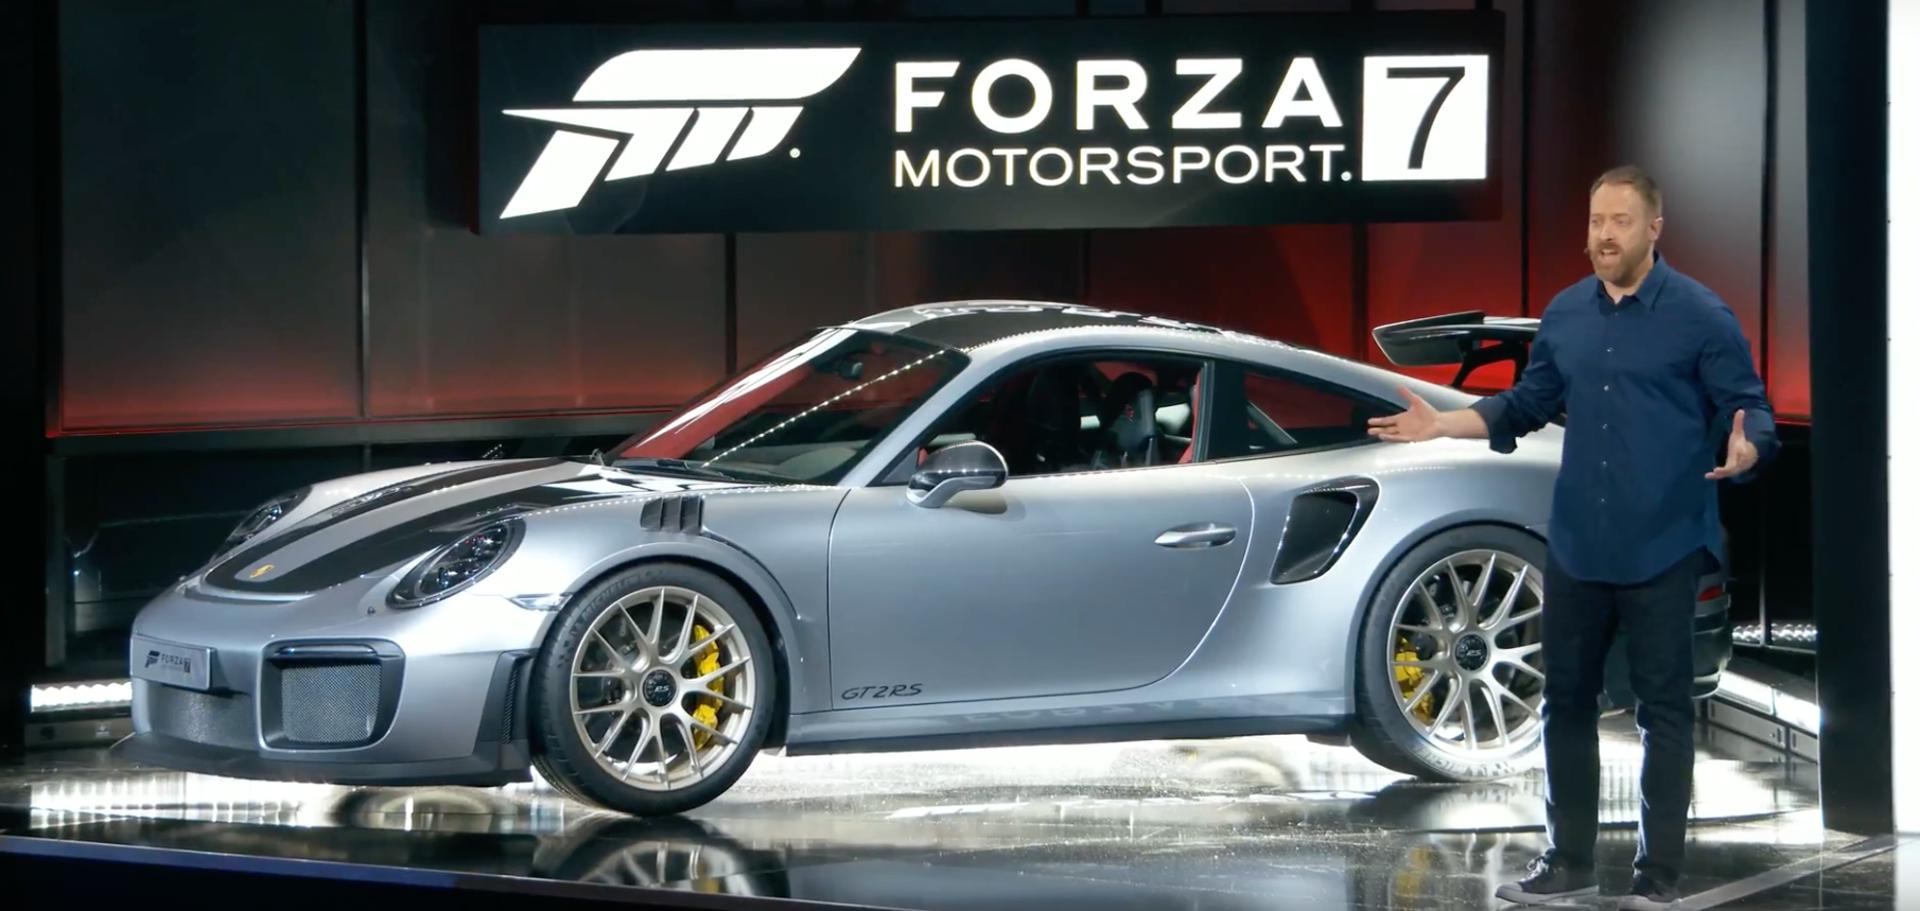 Aún no ha salido a la venta y ya piden por el Porsche 911 GT2 RS un extra de 143.000€ sobre su precio oficial